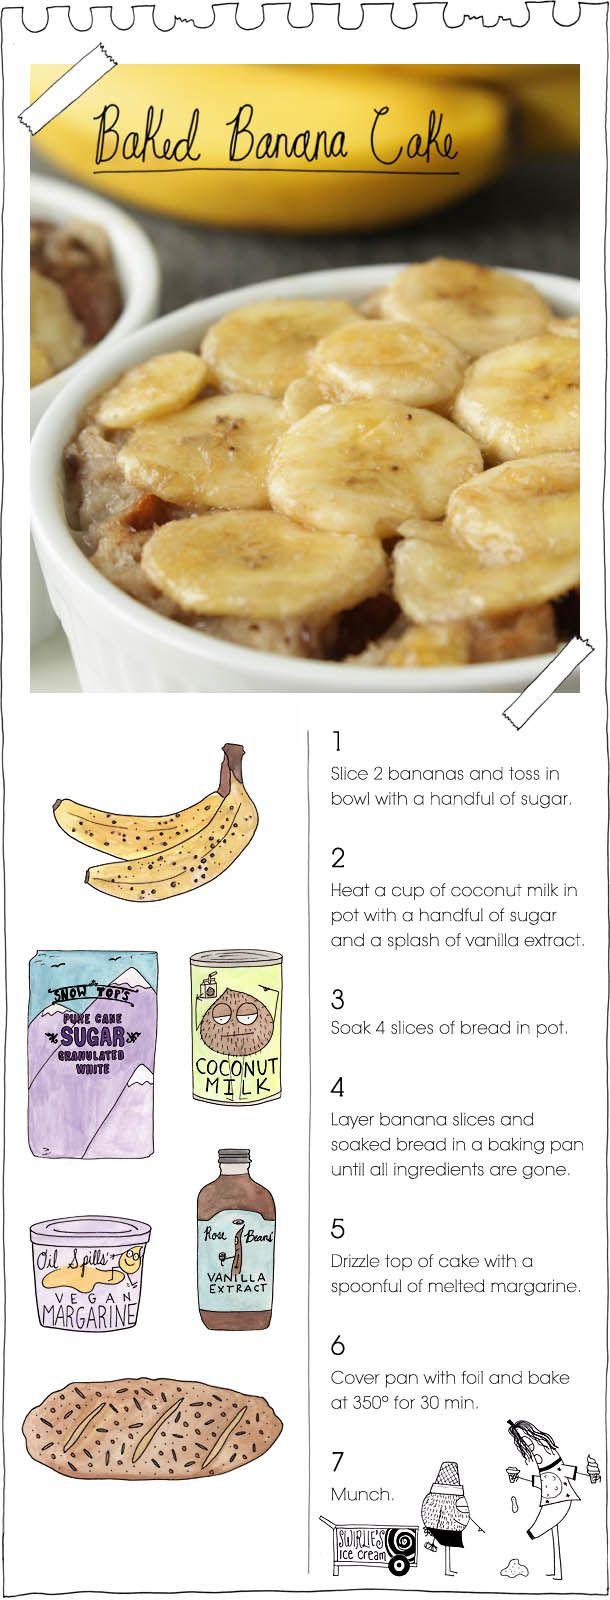 The Vegan Stoner's Baked Banana Cake